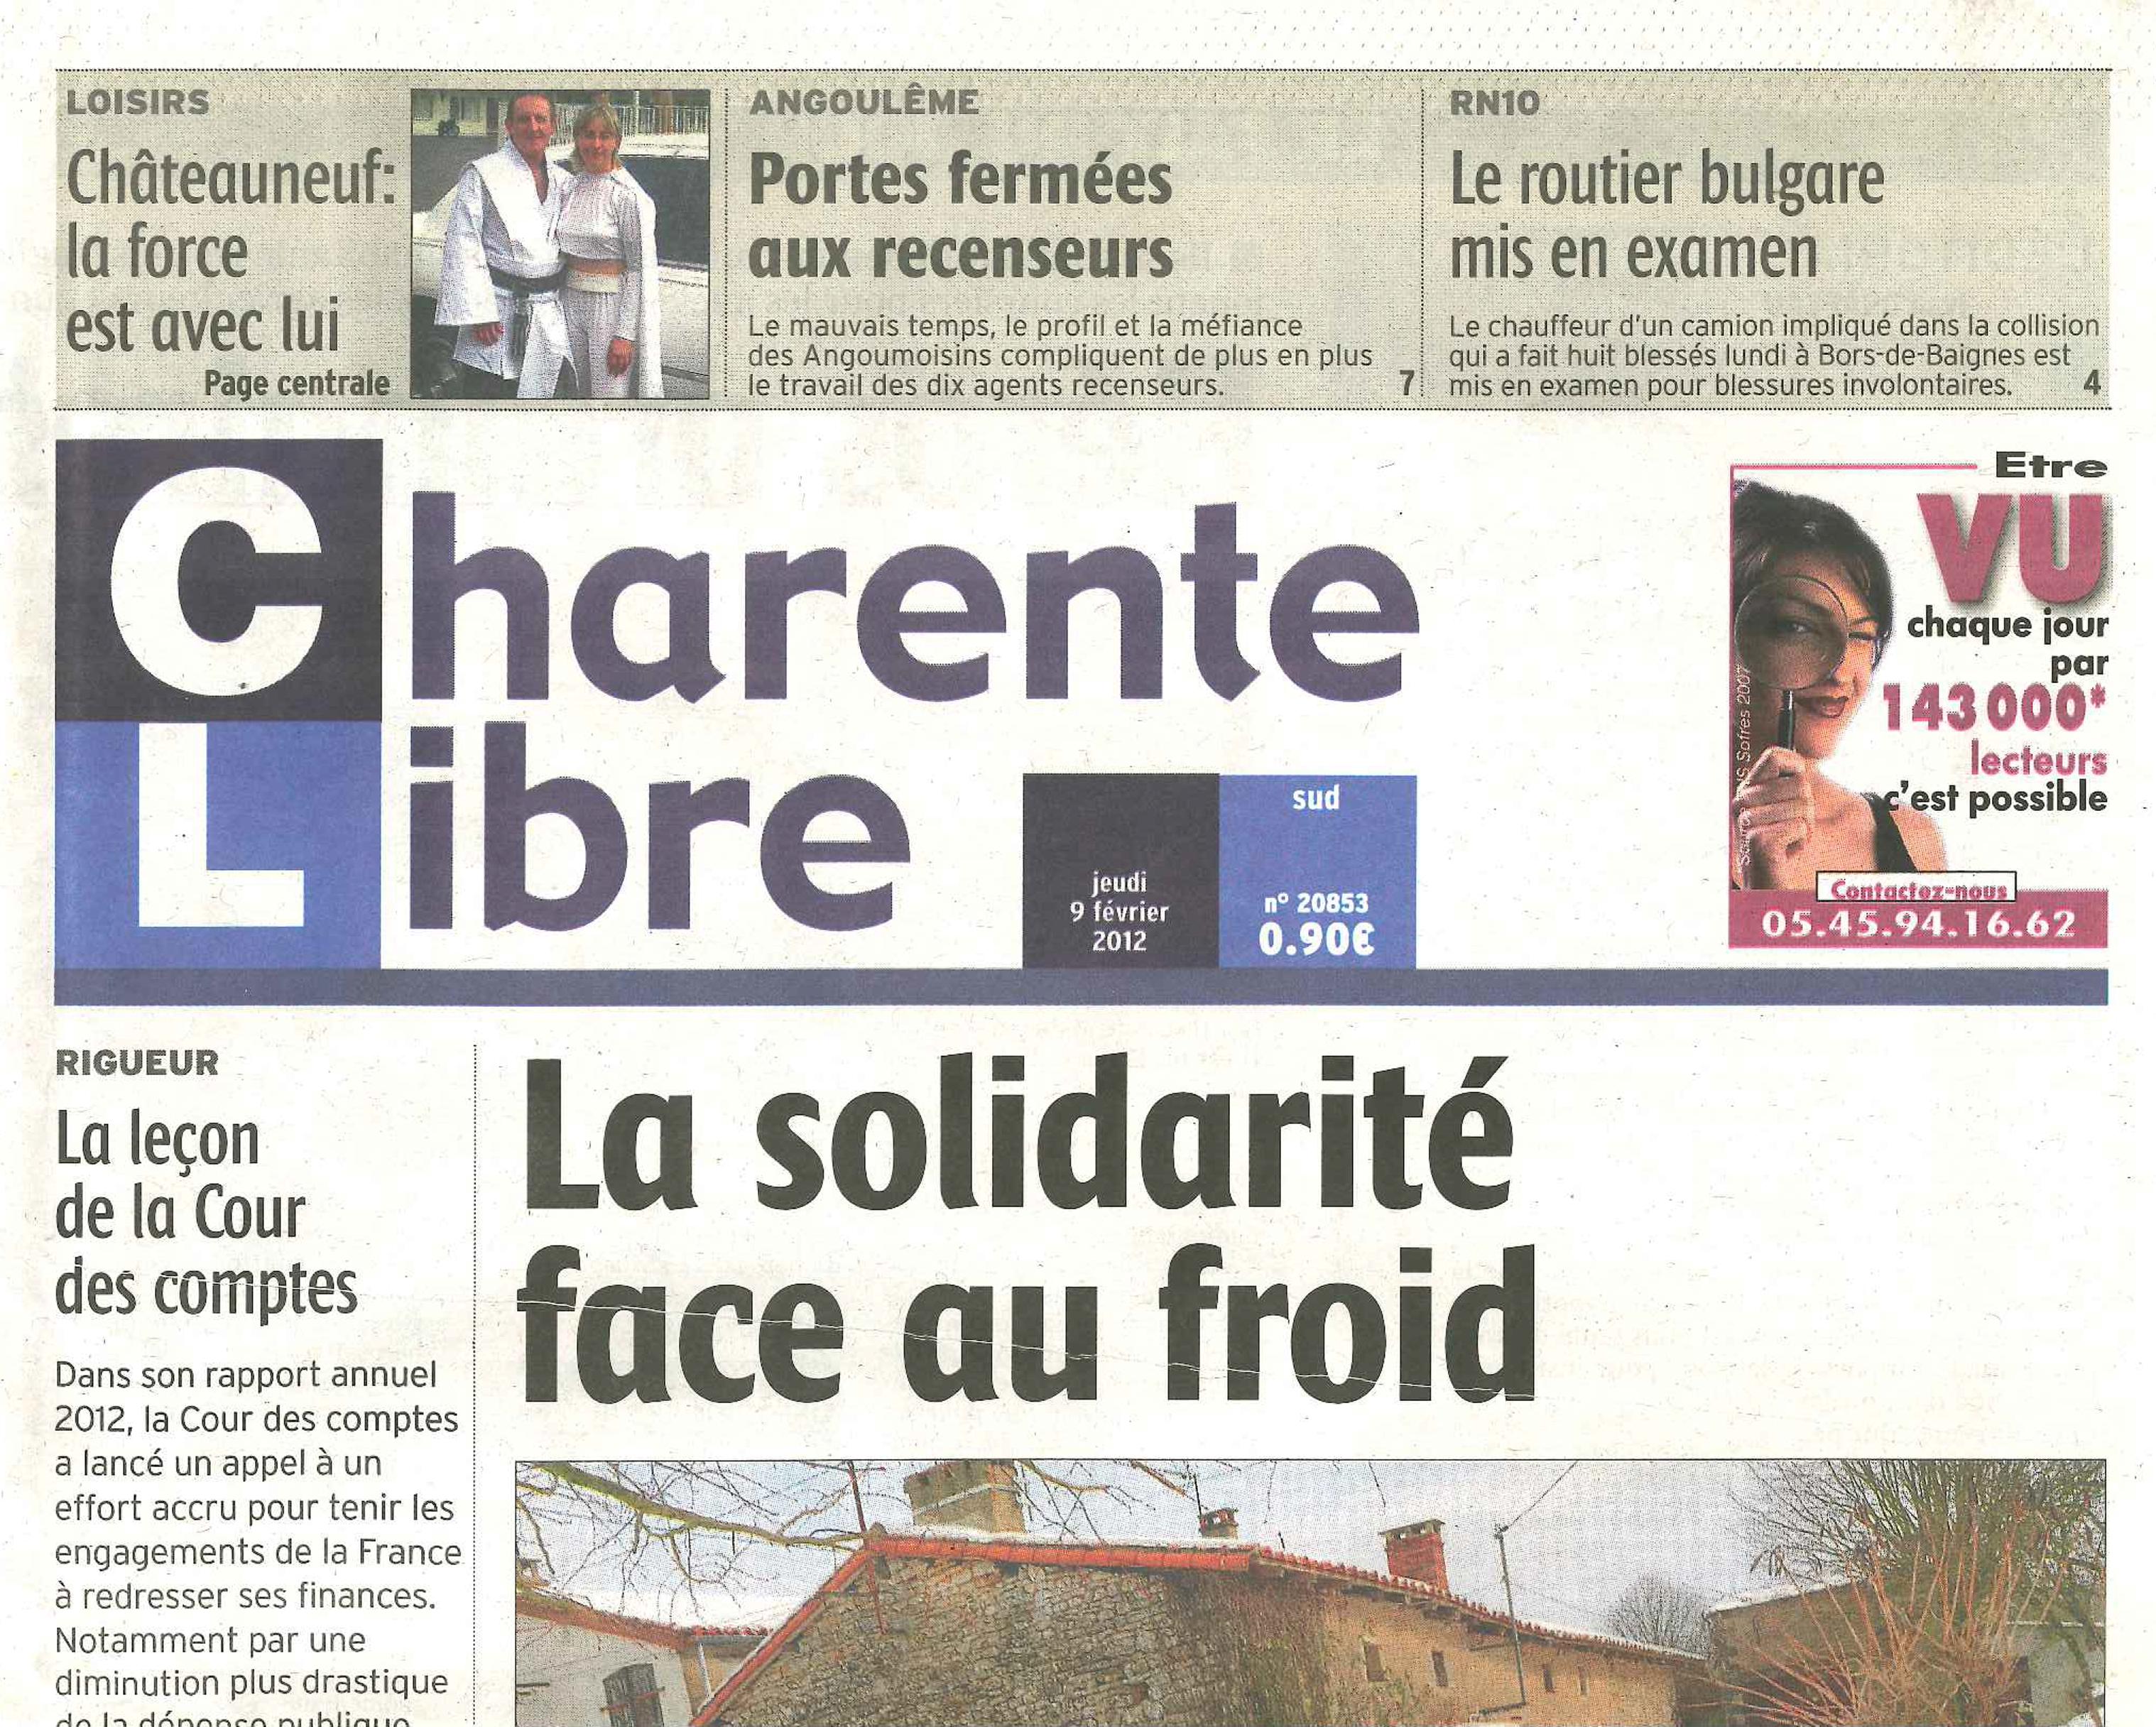 Charente libre – 9 février 2012